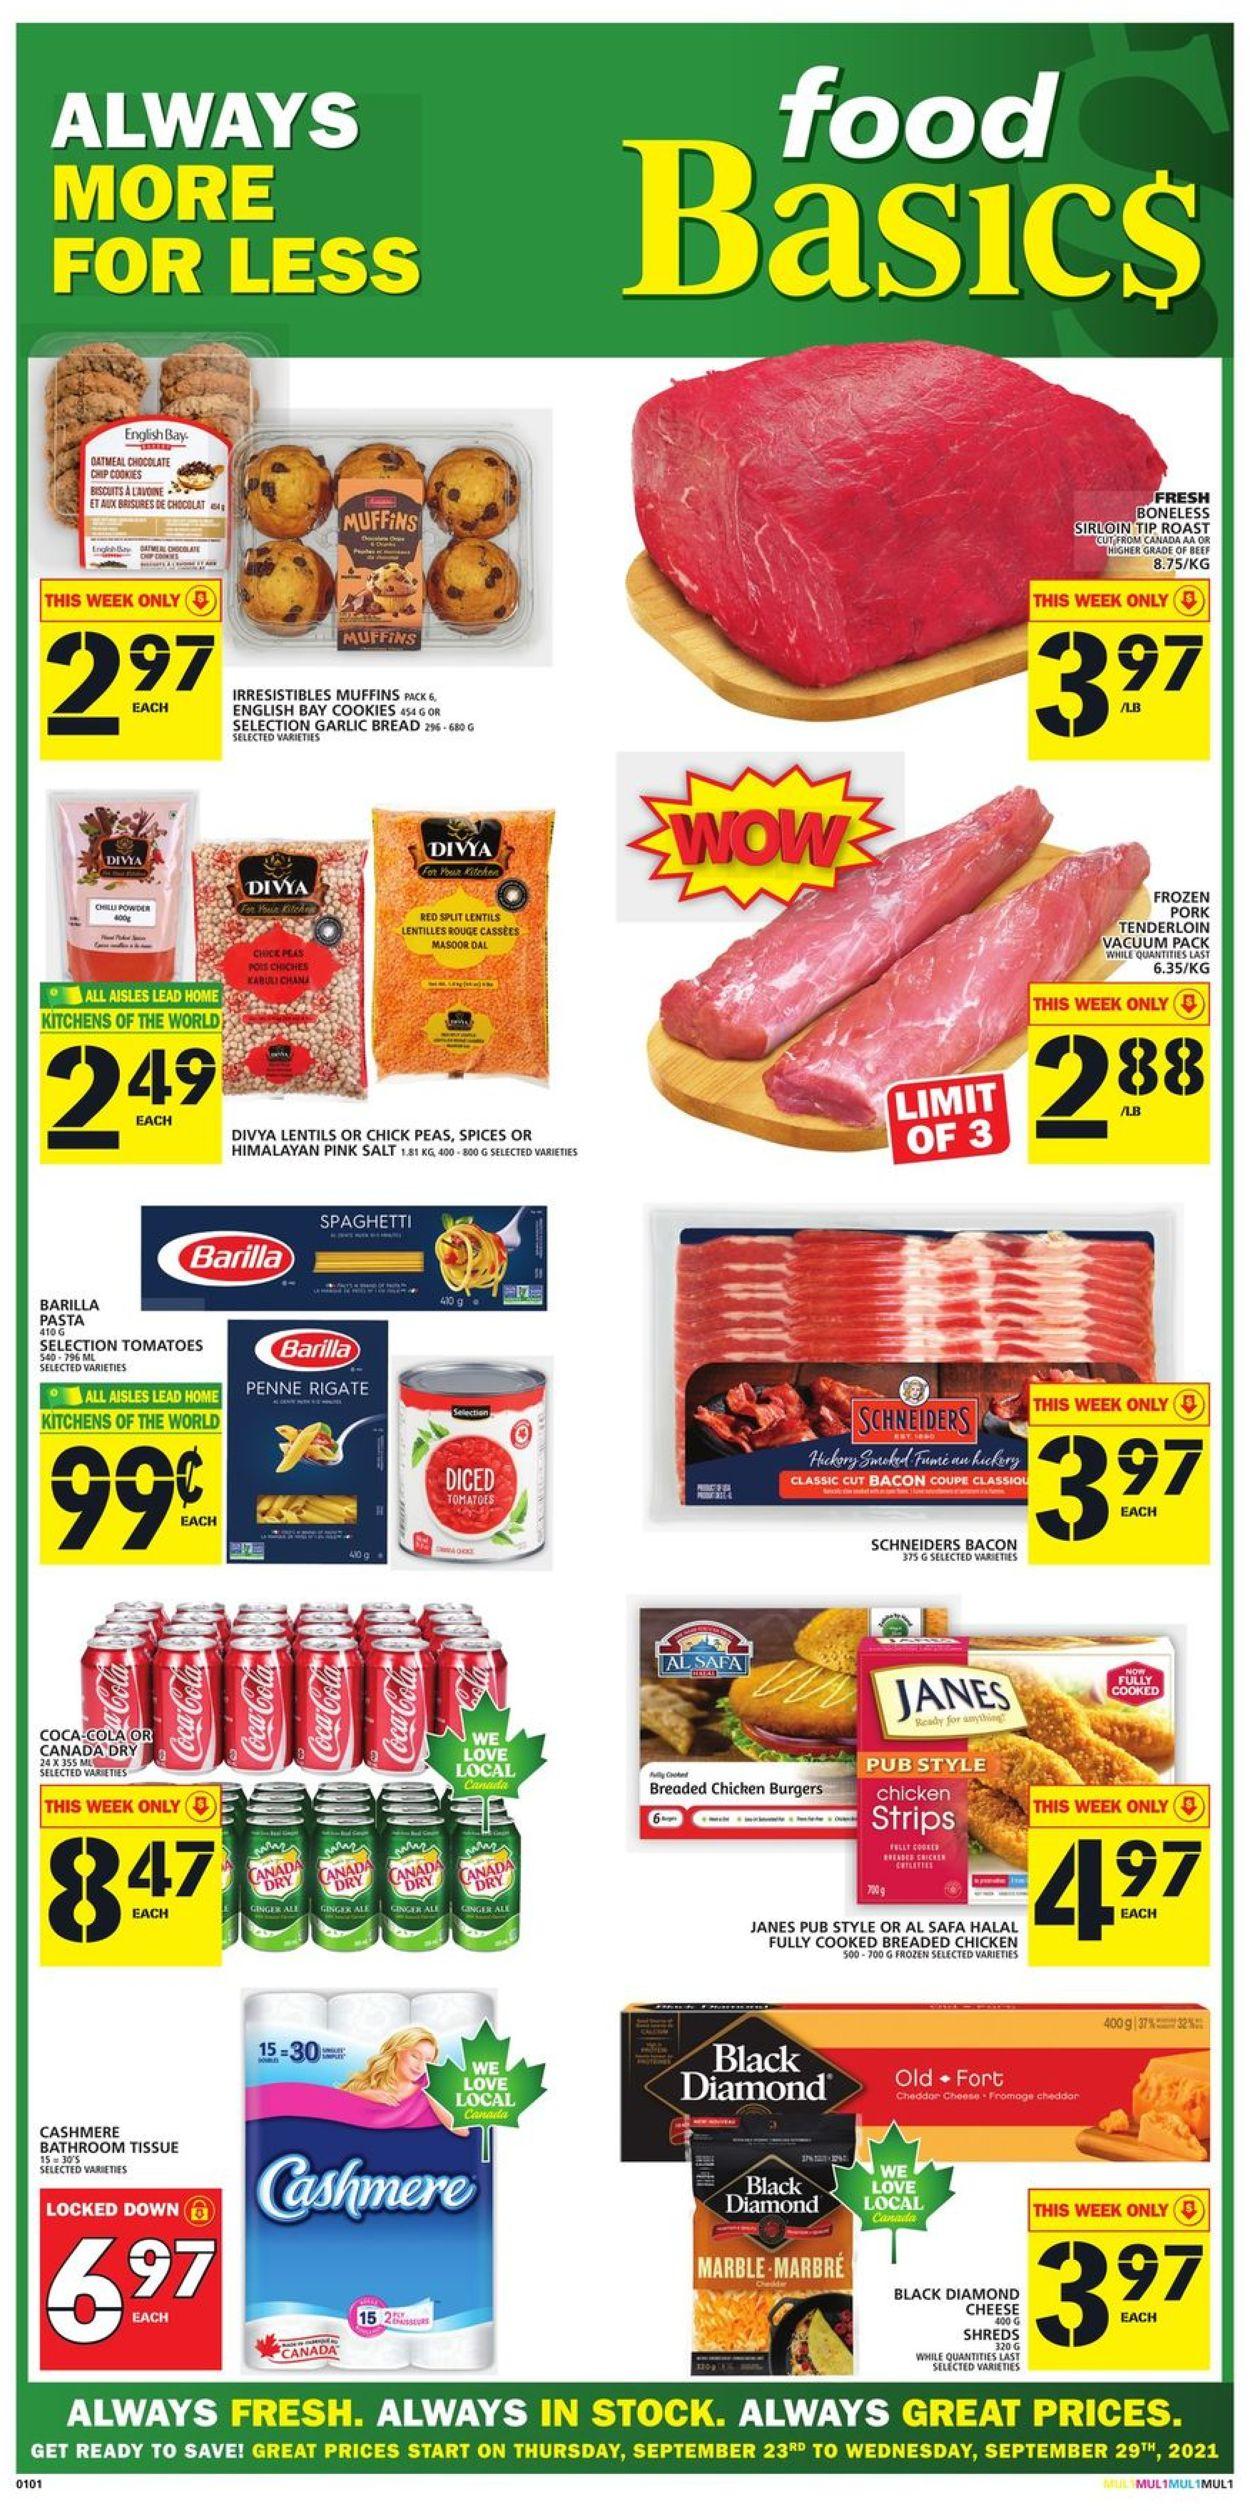 Food Basics Flyer - 09/23-09/29/2021